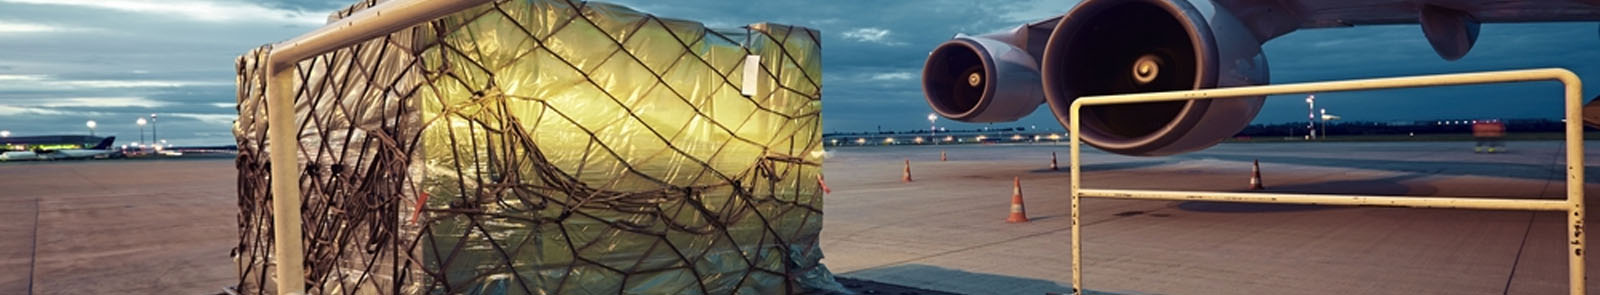 vận chuyển hàng không